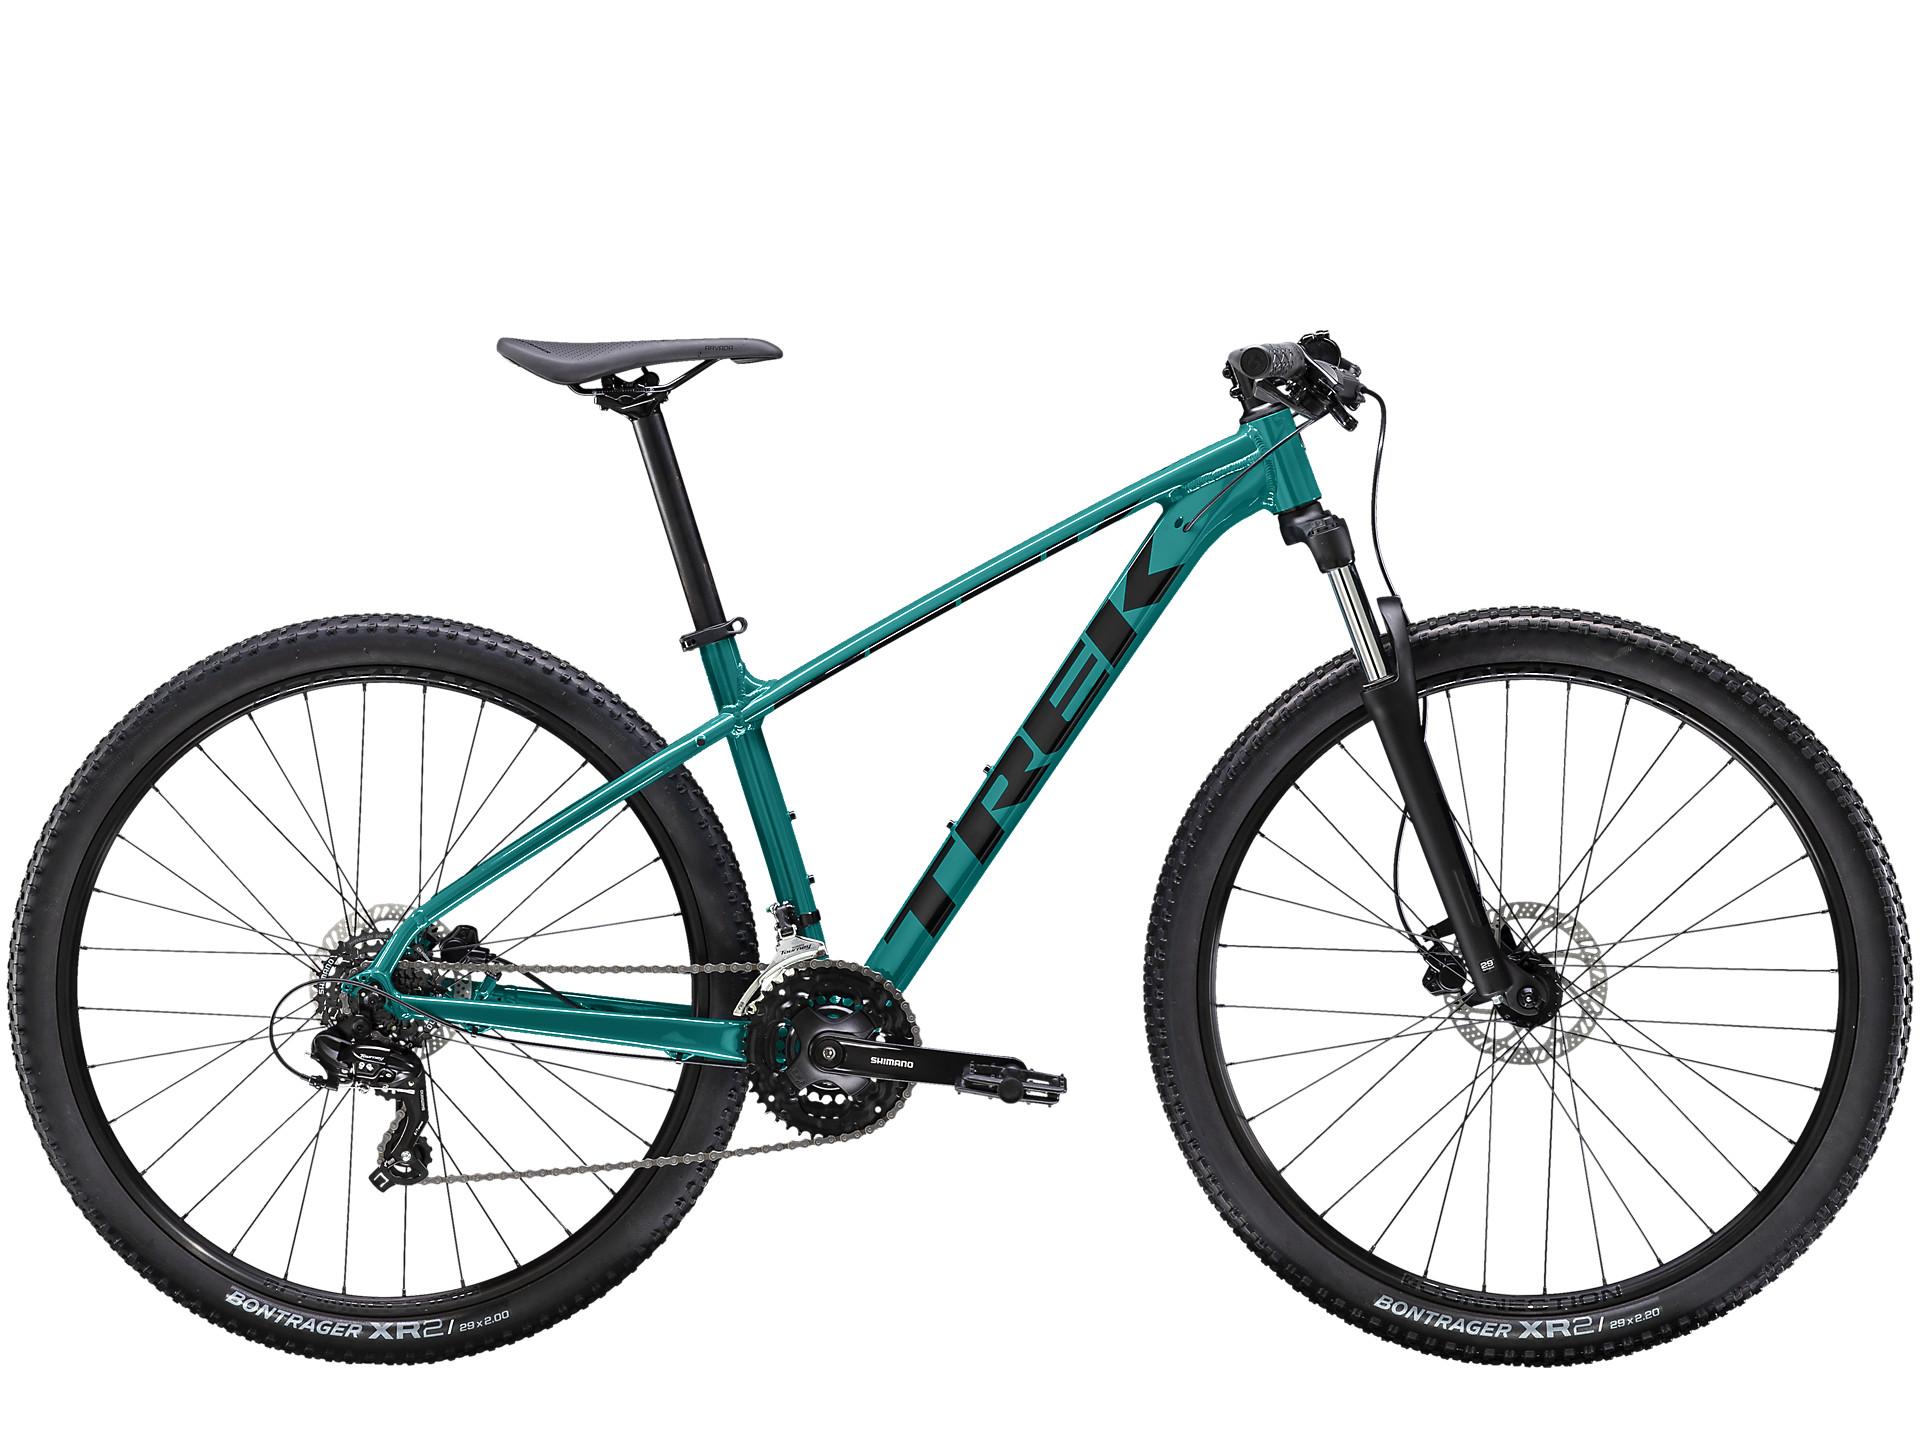 9a84438529e Marlin 7 | Trek Bikes (AU)